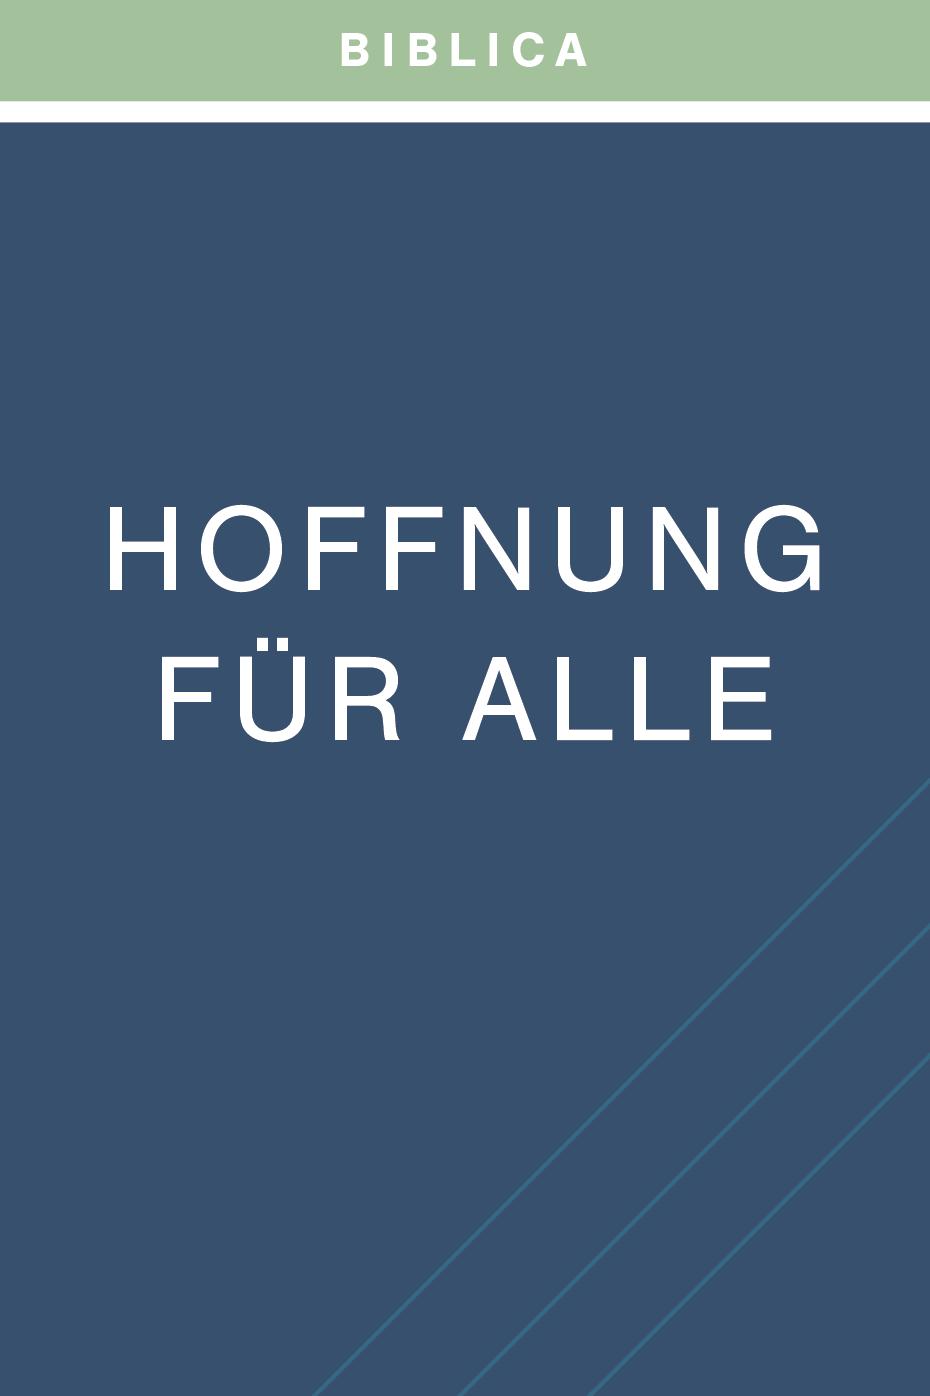 Hoffnung für alle (Hfa)